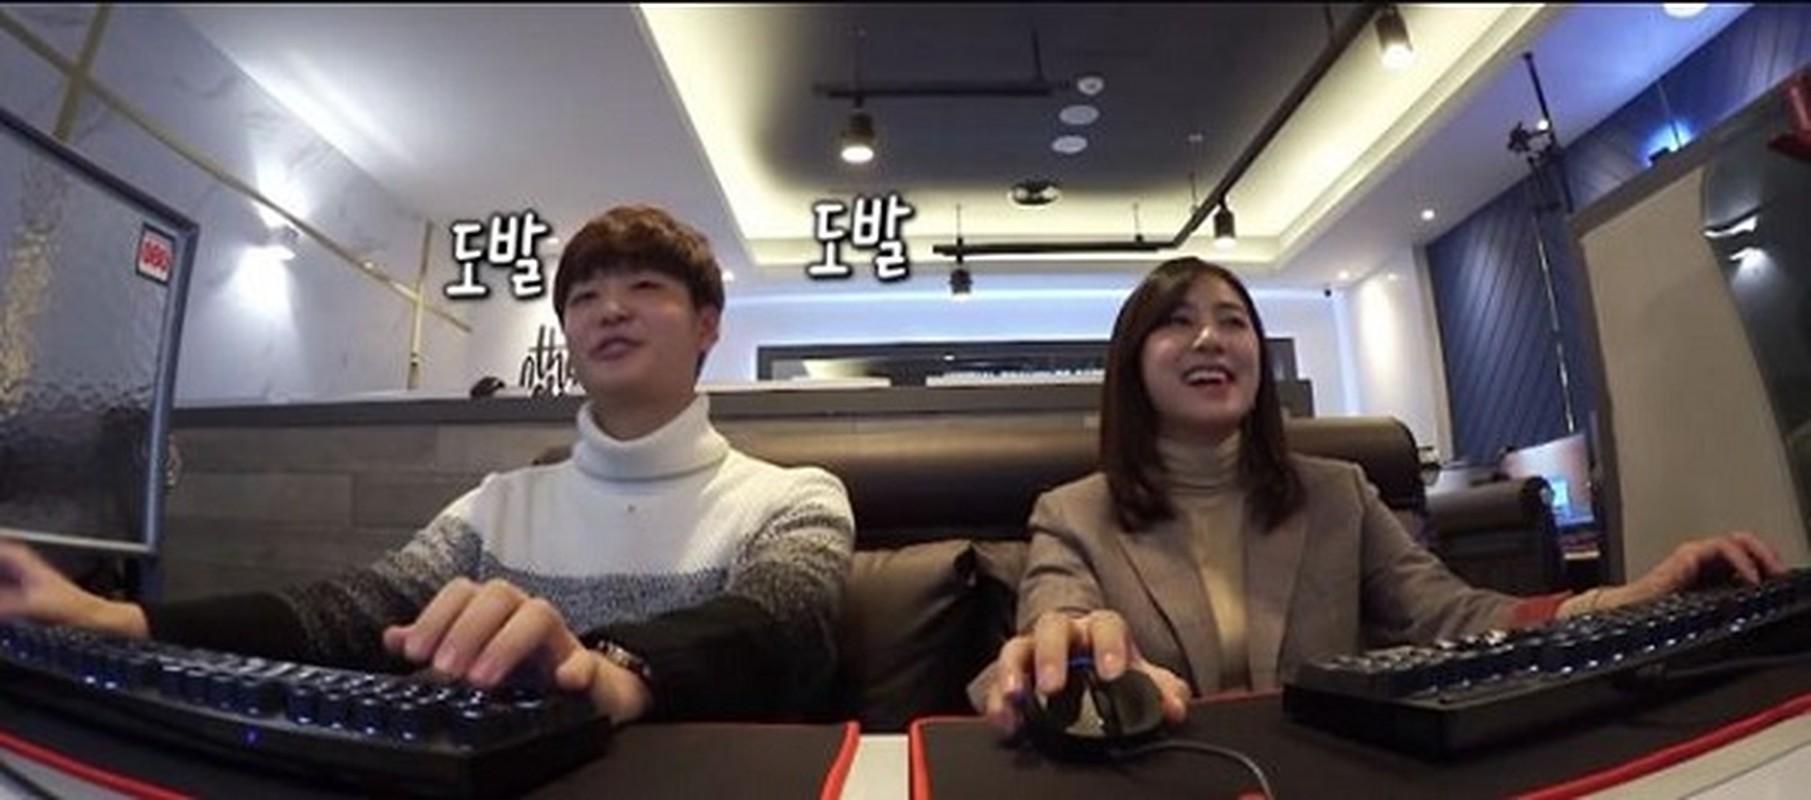 """Loat idol Han """"nem"""" tien cho game nhieu hon hang hieu, sieu xe-Hinh-3"""